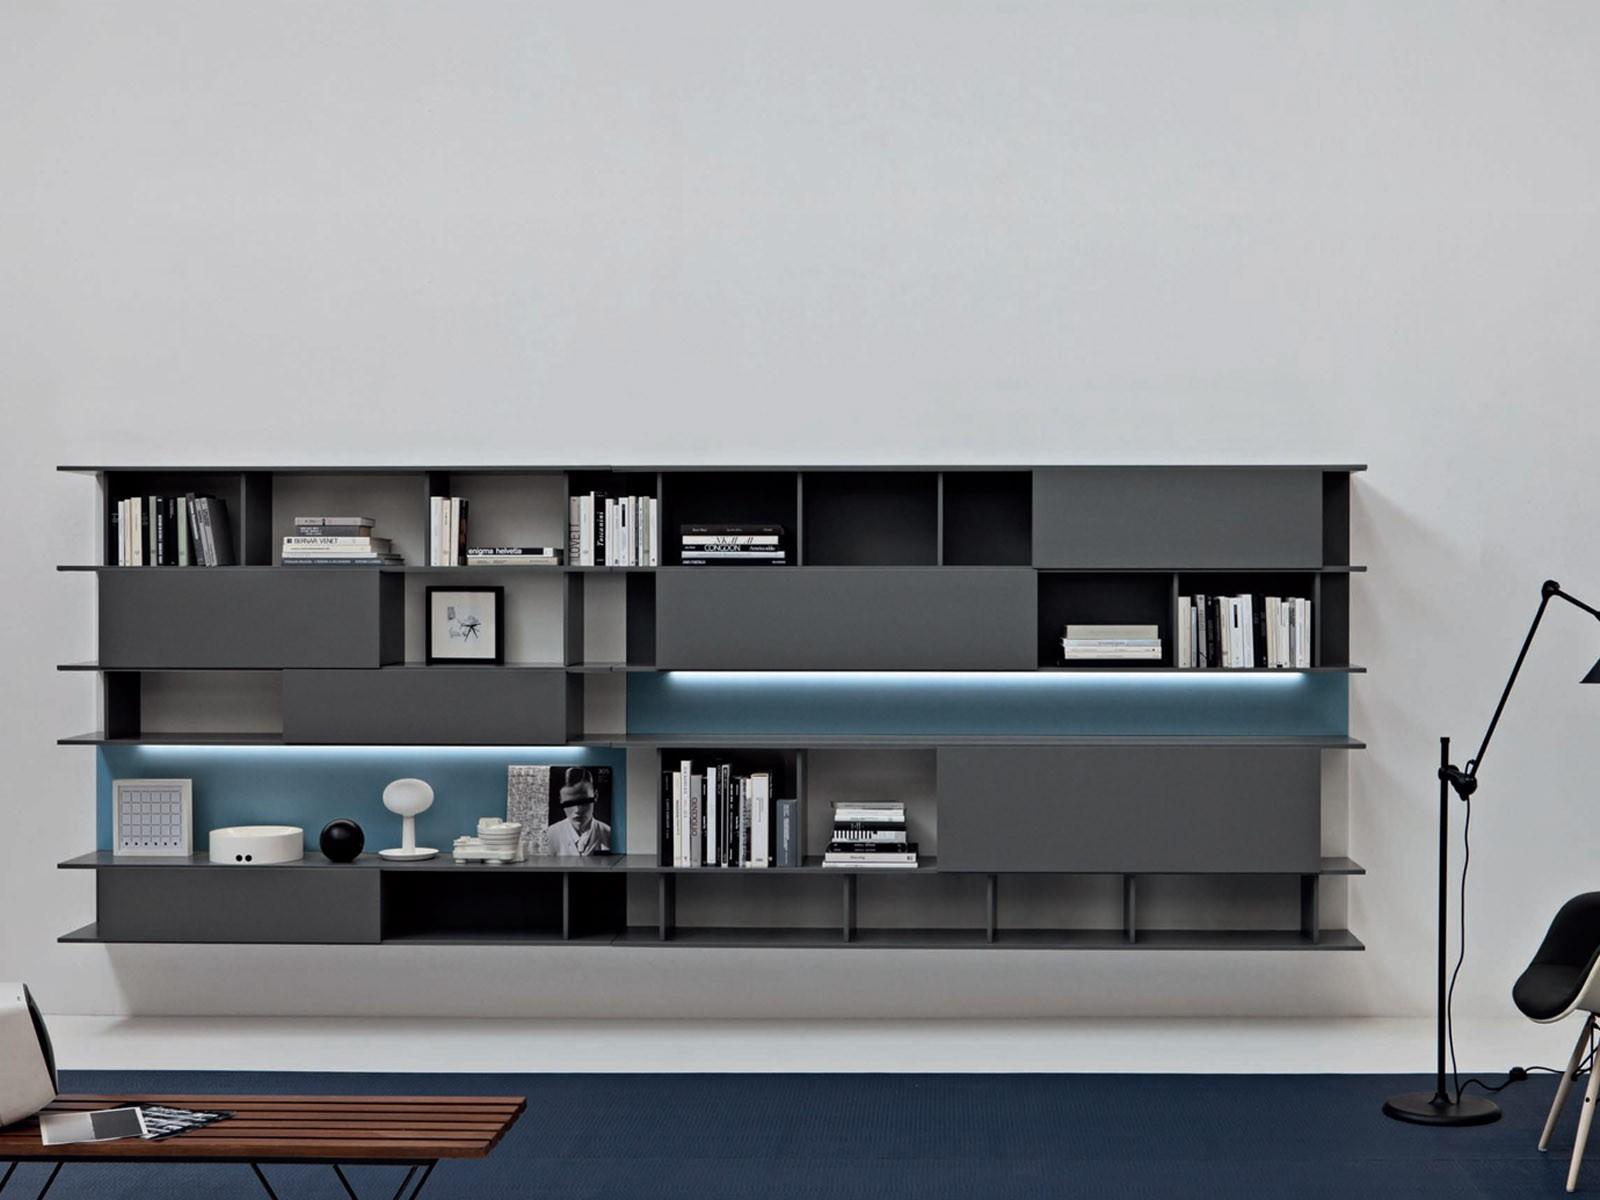 Cocina muebles de cocina nuzzi decoraci n de for Muebles de oficina jujuy